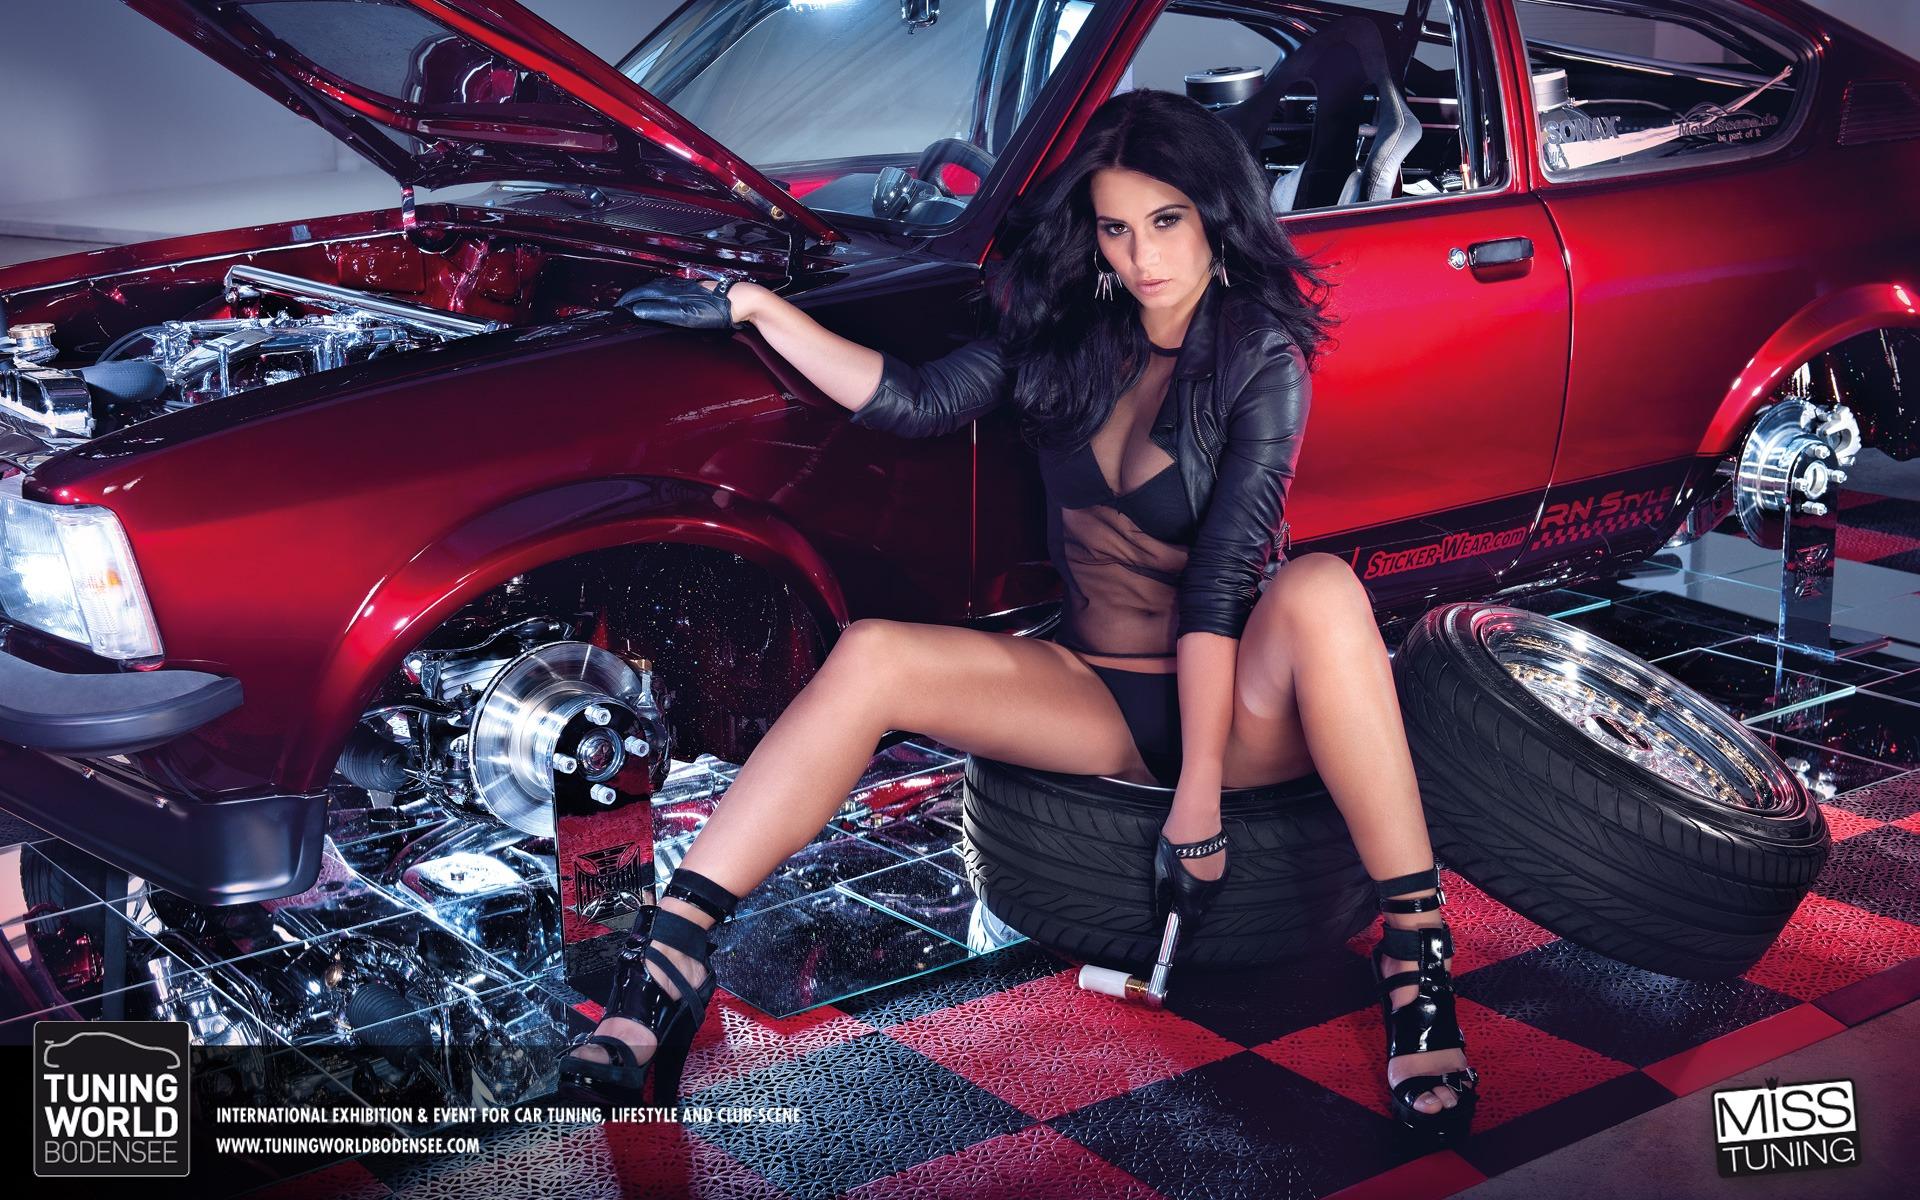 Fabulous Hot Cars Models Wallpapers Te Car Girl Wallpapers 1920x1200